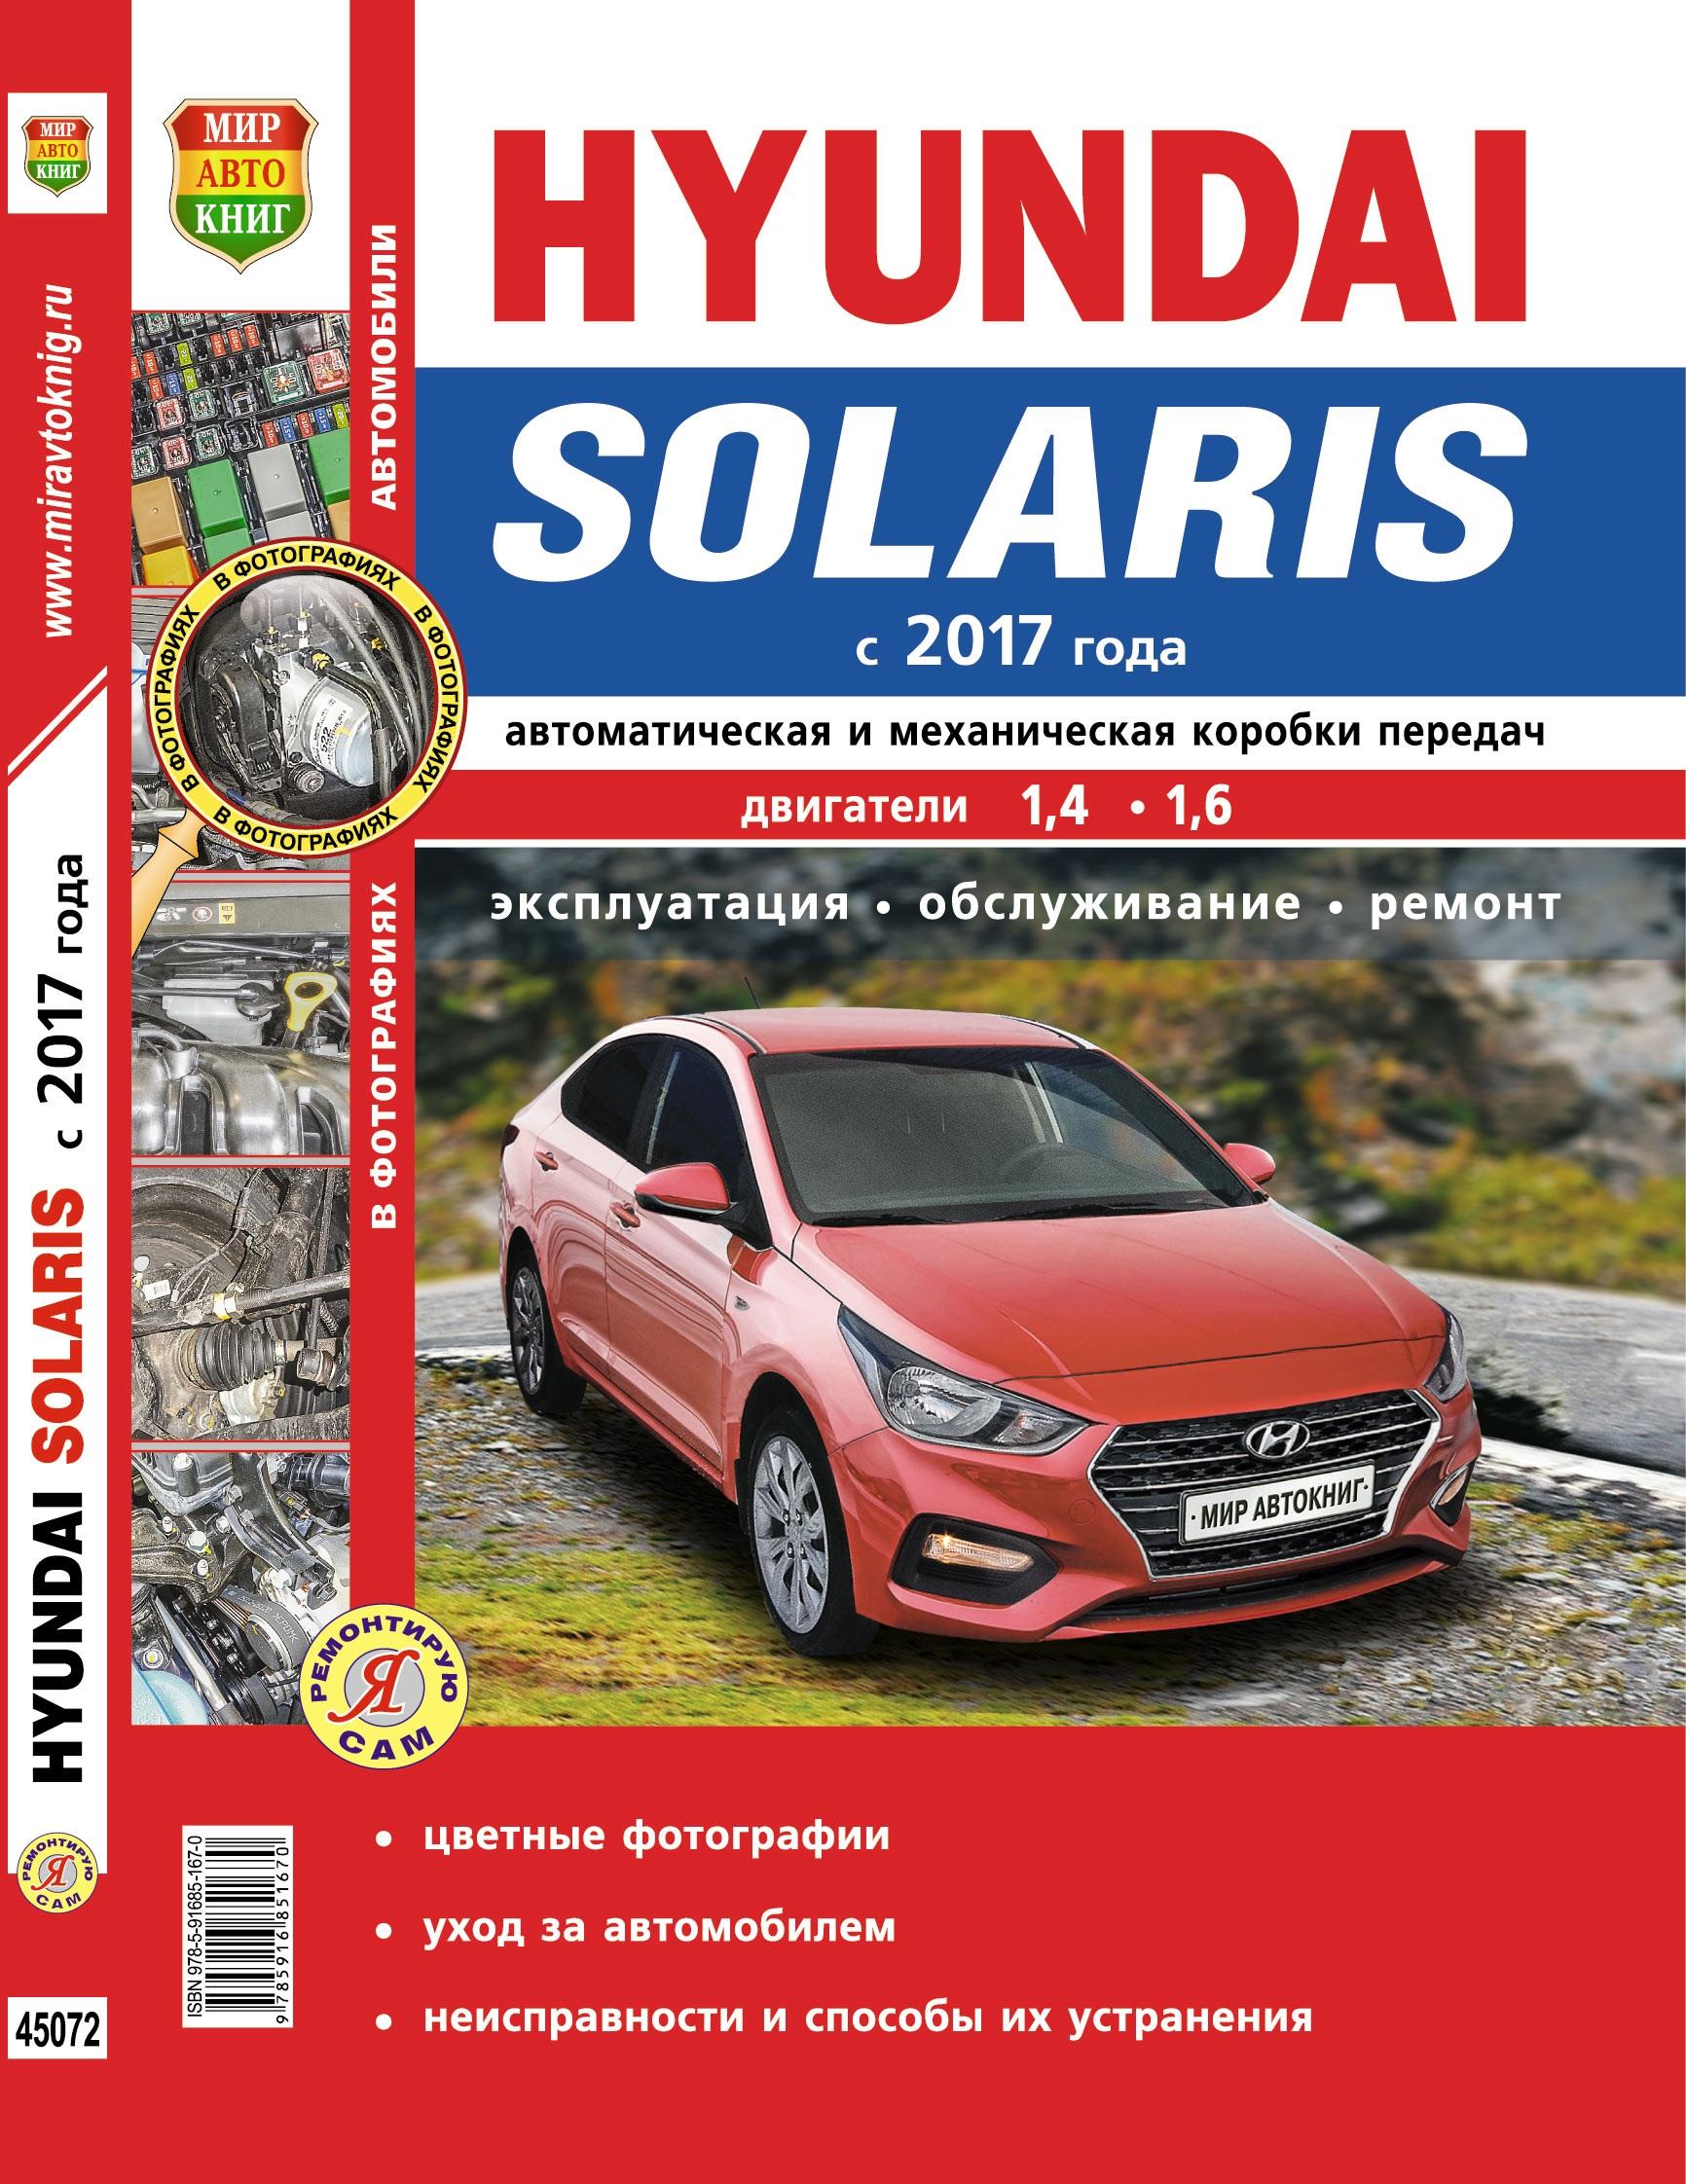 Книга HYUNDAI SOLARIS-2 (Хендай Солярис-2) с 2017 бензин Пособие по ремонту. Цветные фотографии